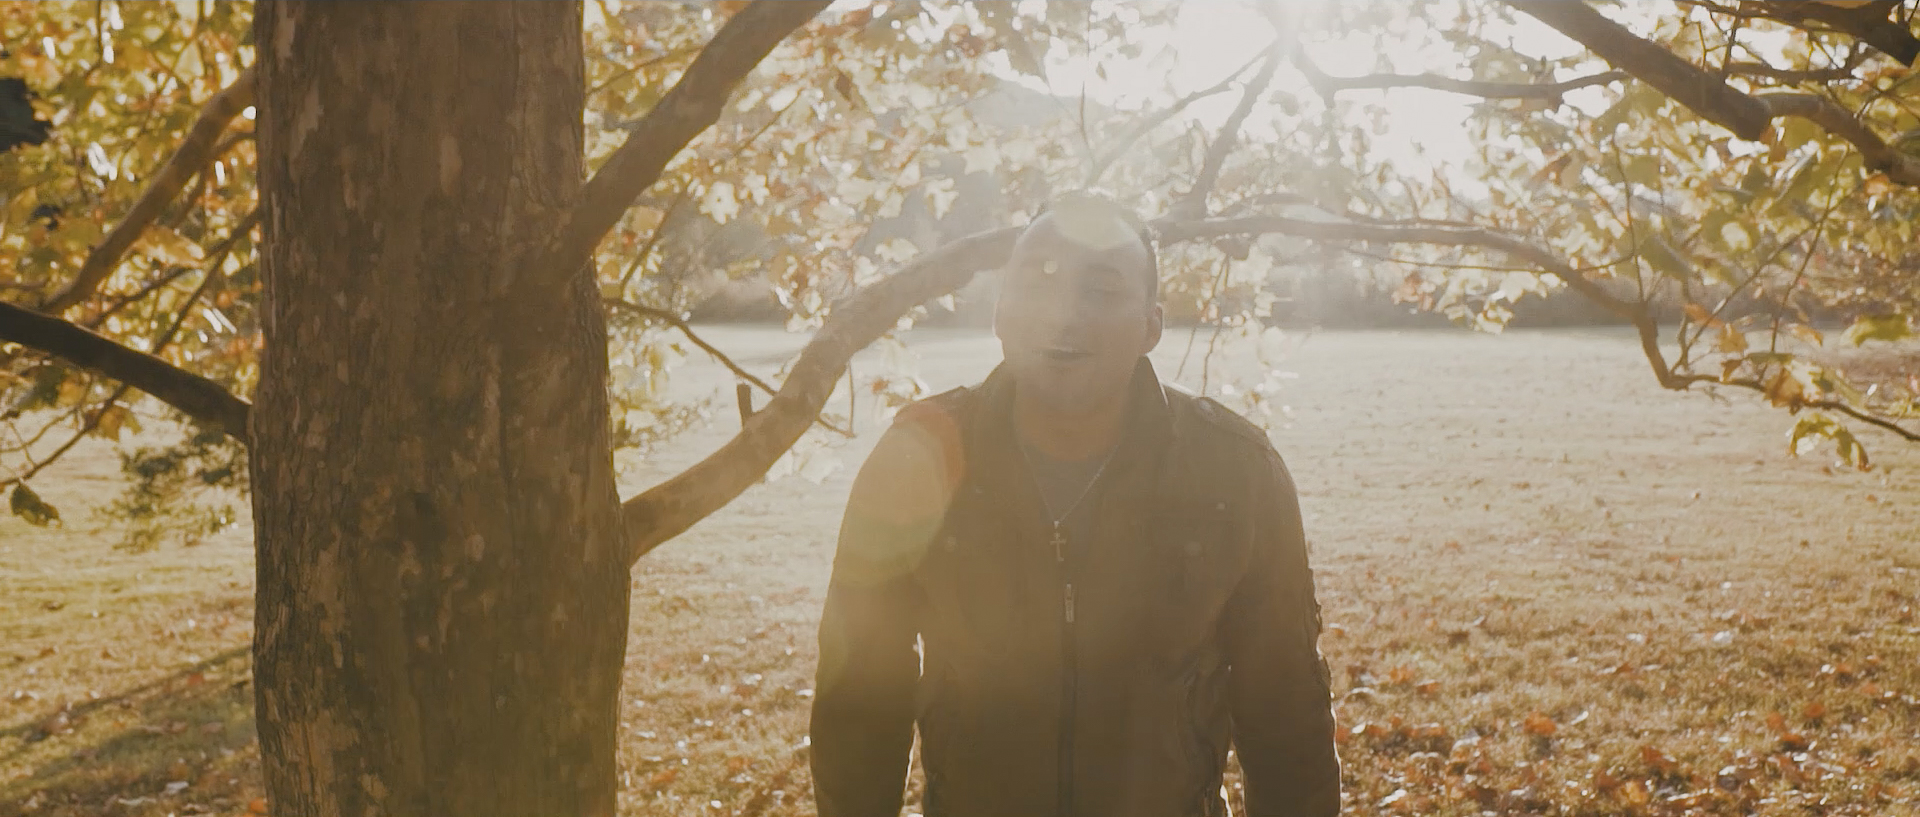 Stills - Cinema - Dp - Frame- Cinematographer - Miguel Bautista - Production - Filmmaking - Cine 025.jpg